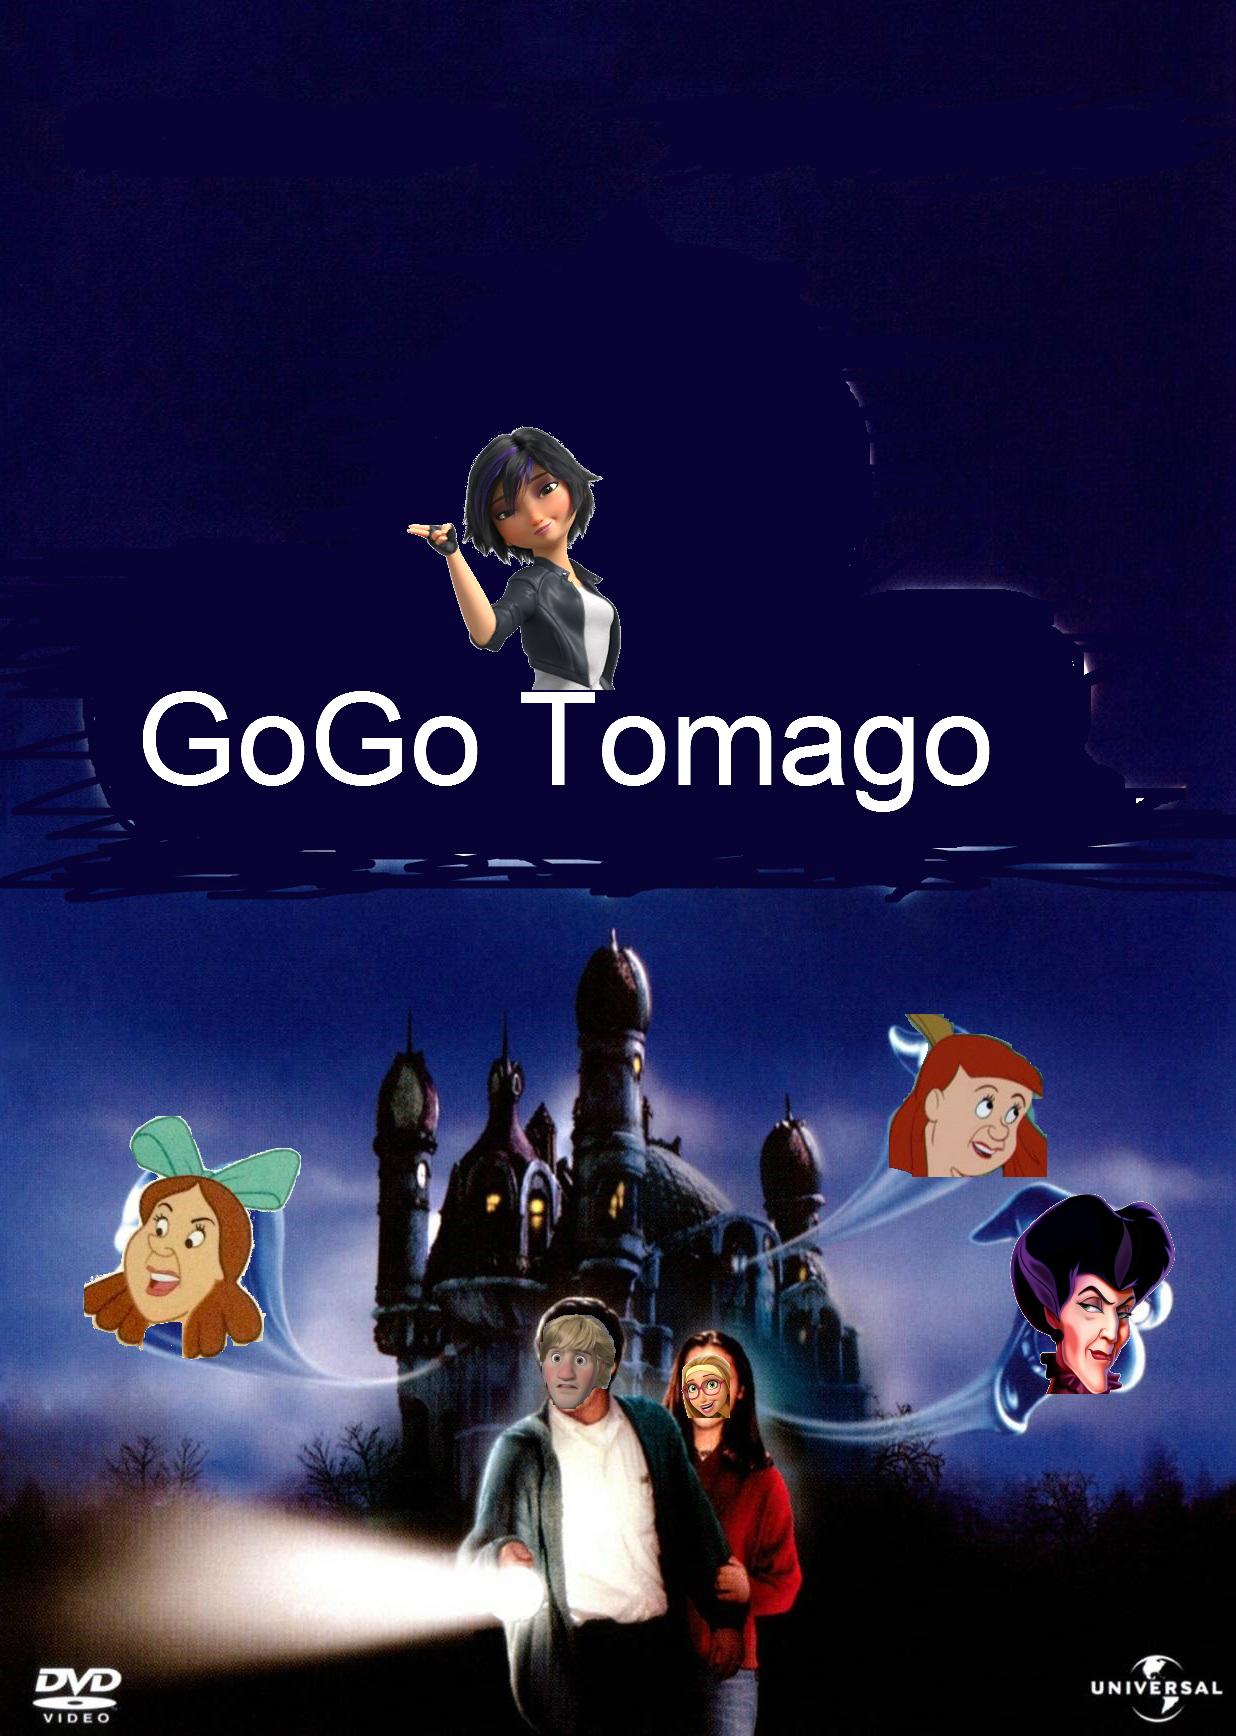 GoGo Tomago (Casper)